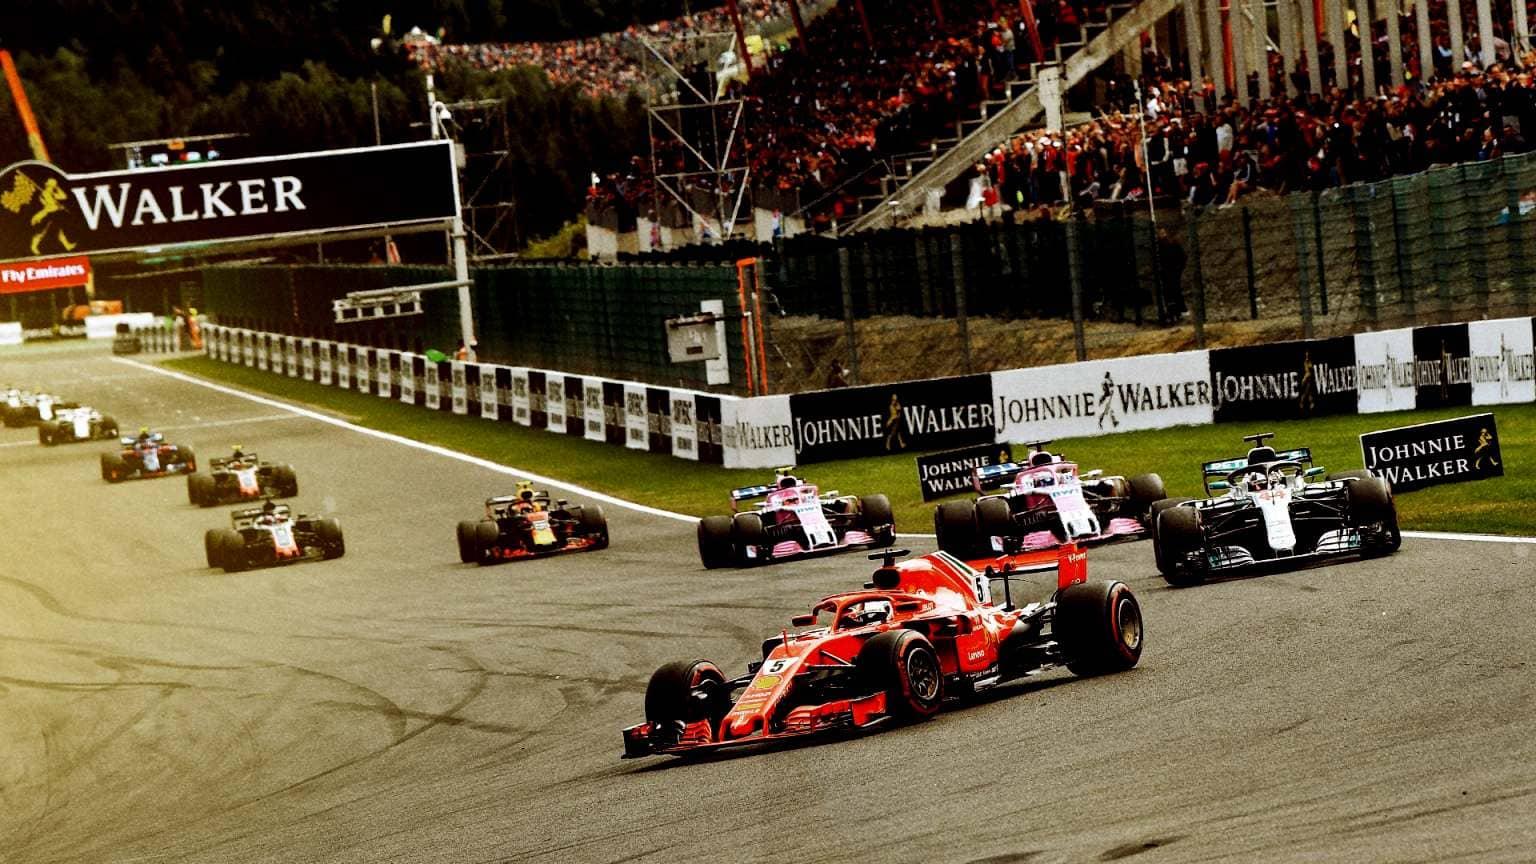 Обзор Гран-при Бельгии 2019 Формула 1